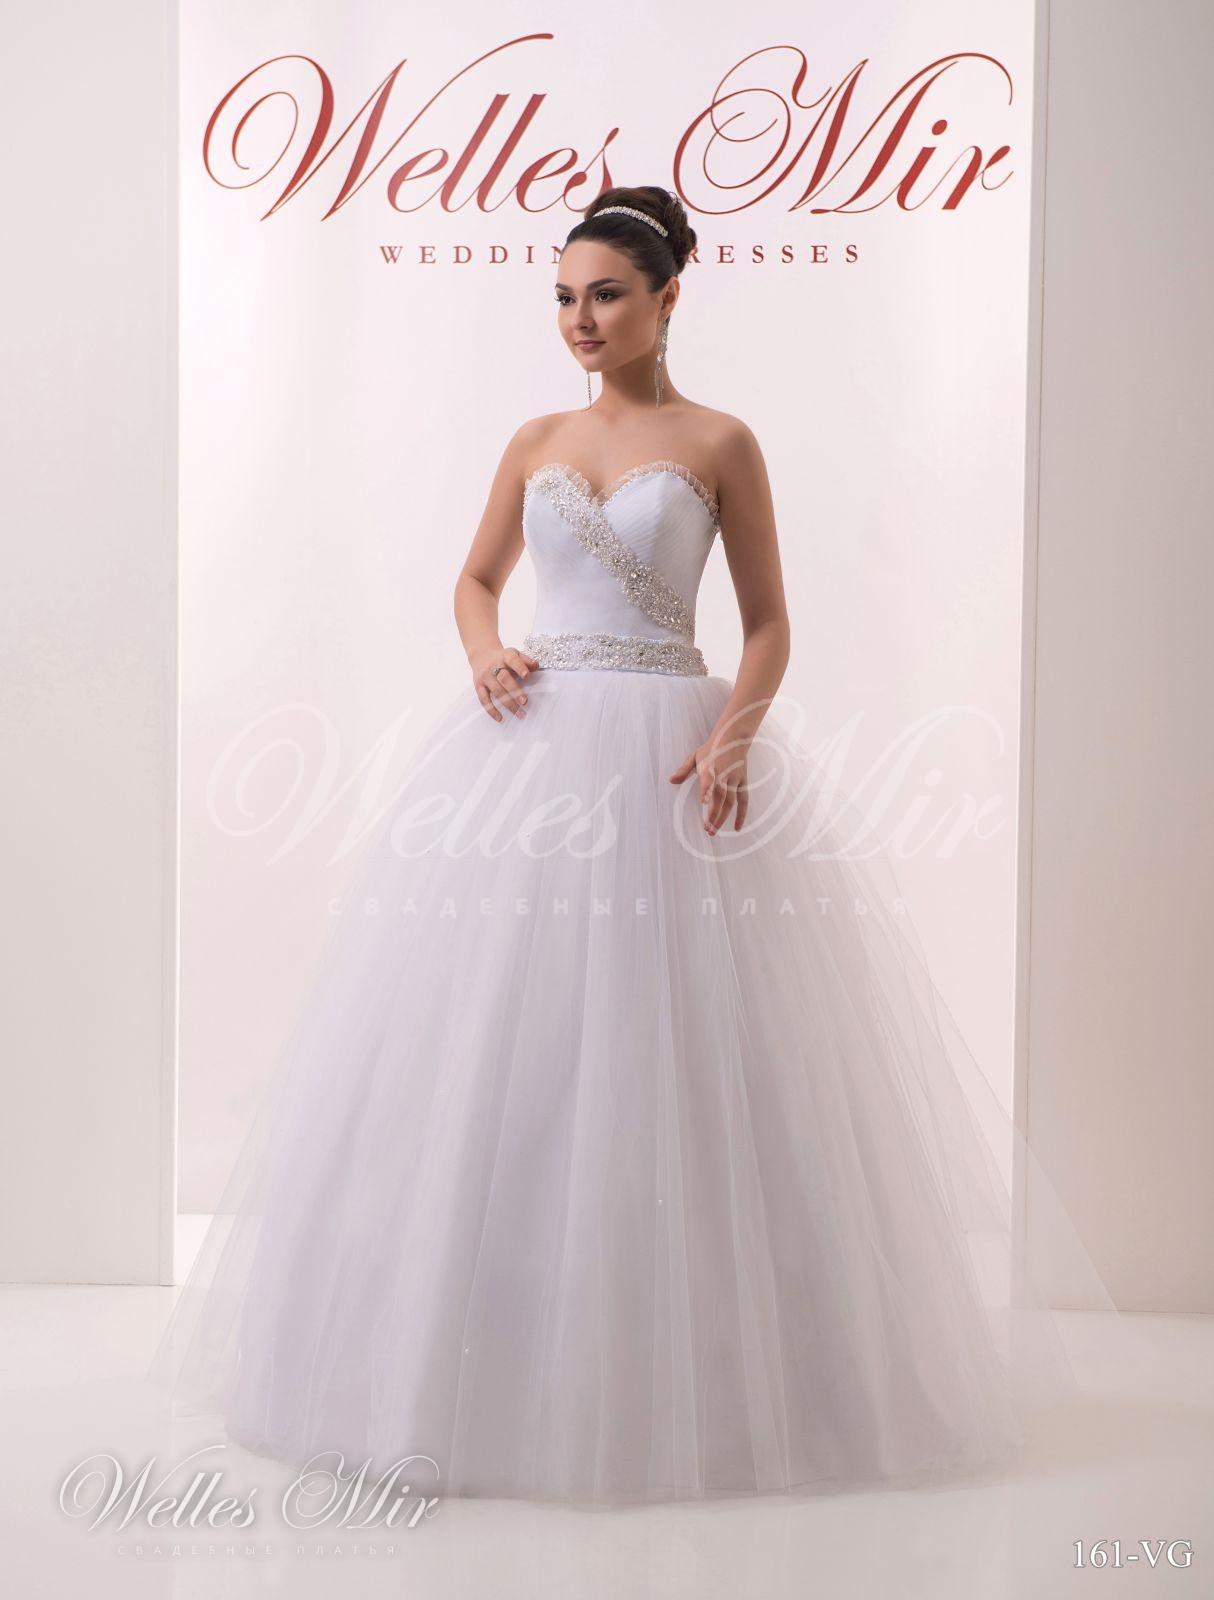 Свадебные платья Soft collection - 161-VG